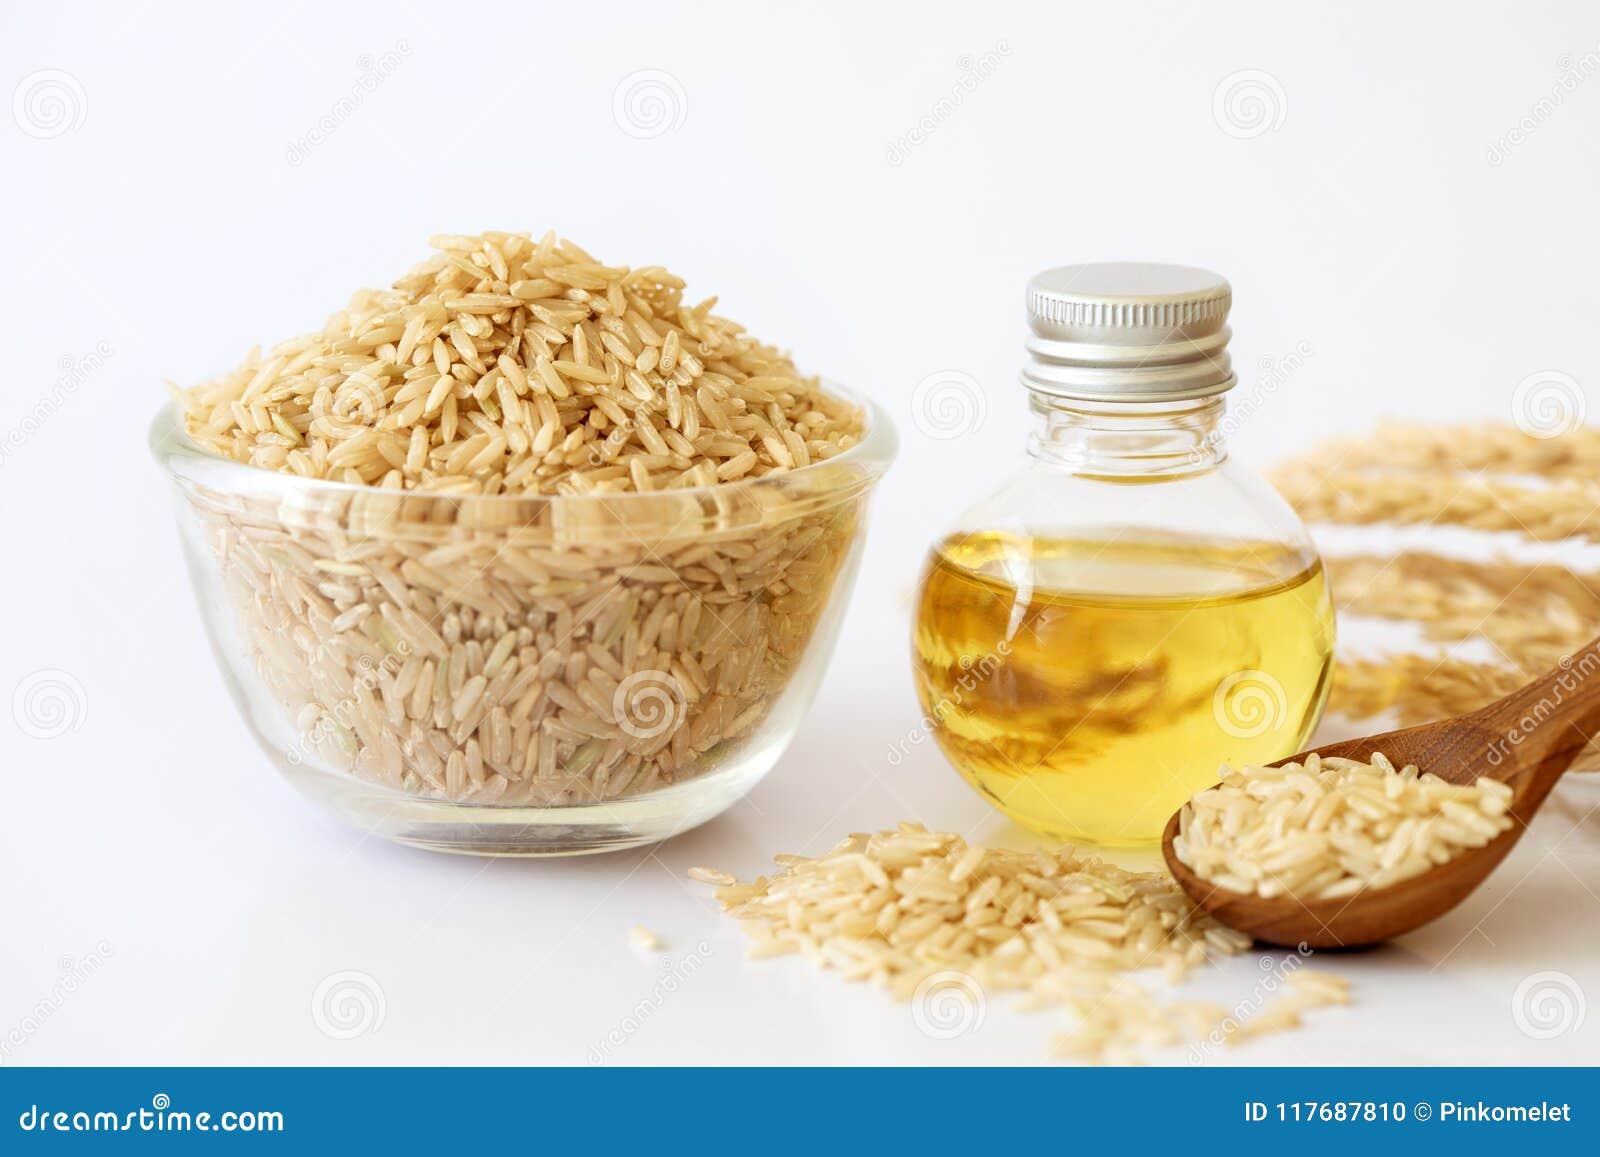 Chiuda sul seme del riso sbramato e sull olio della crusca di riso in bottiglia e riso non macinato su fondo bianco, buoni grassi